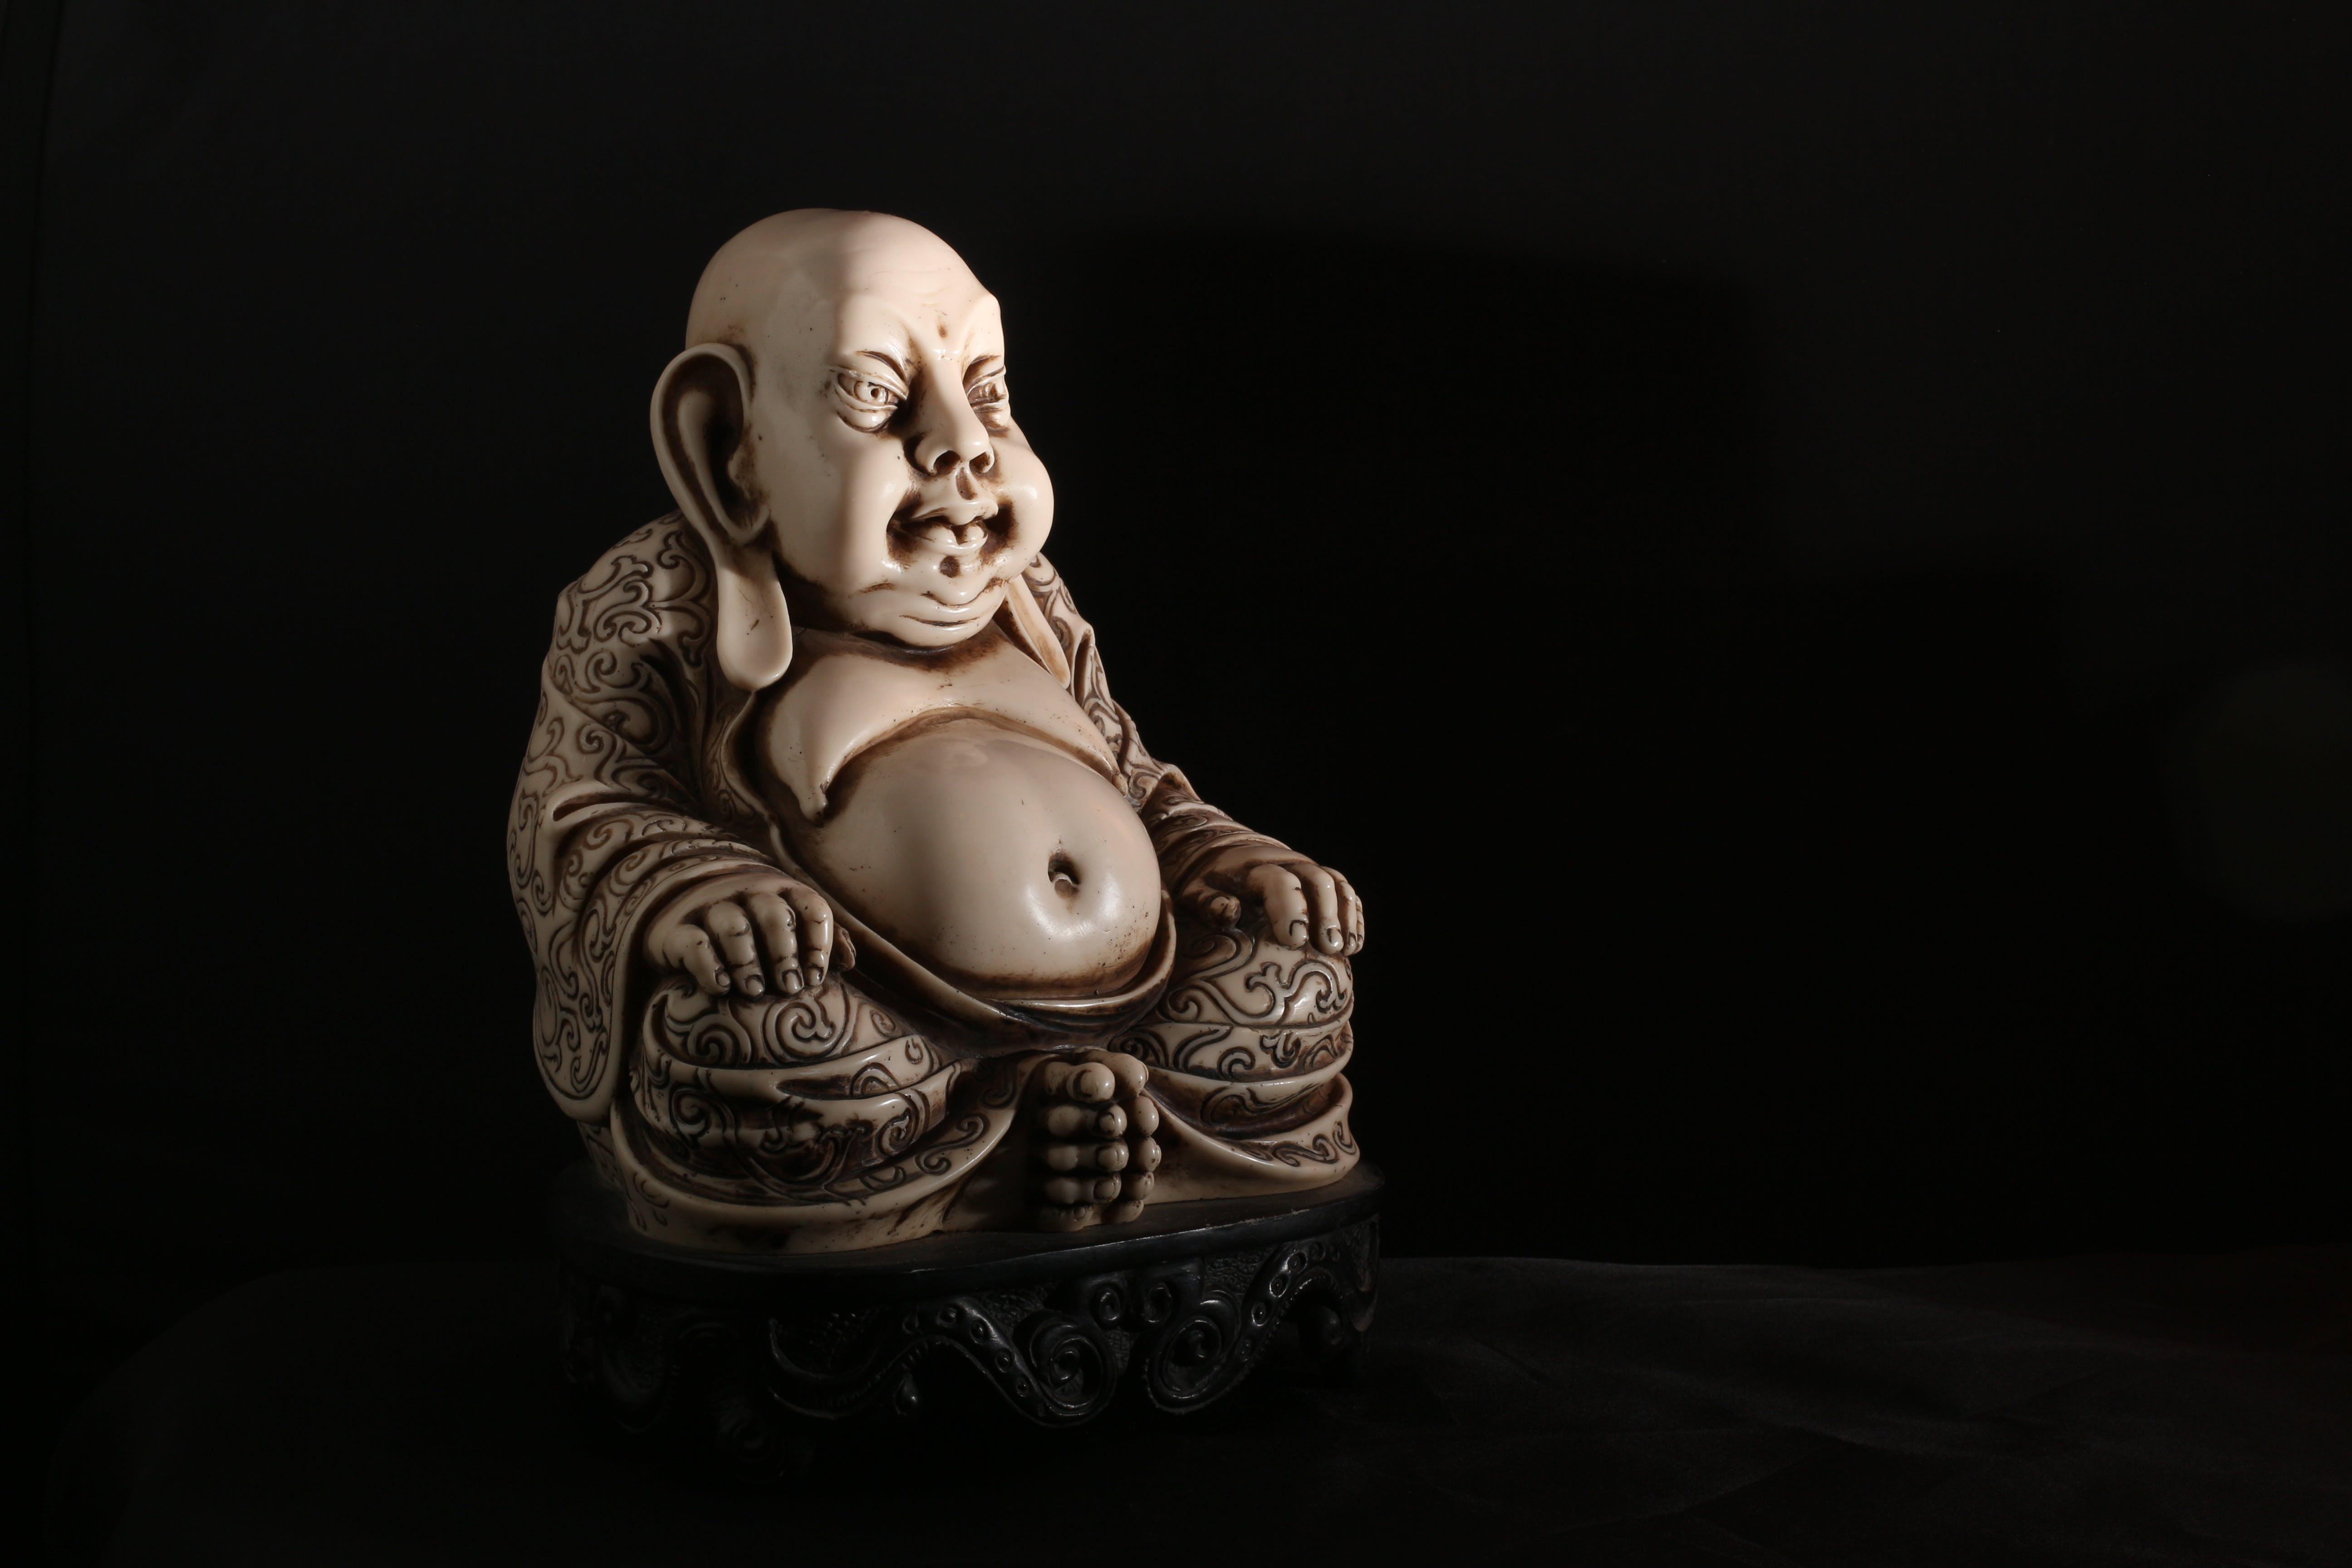 Kostenloses Stock Foto zu skulptur, asiatisch, figur, stein